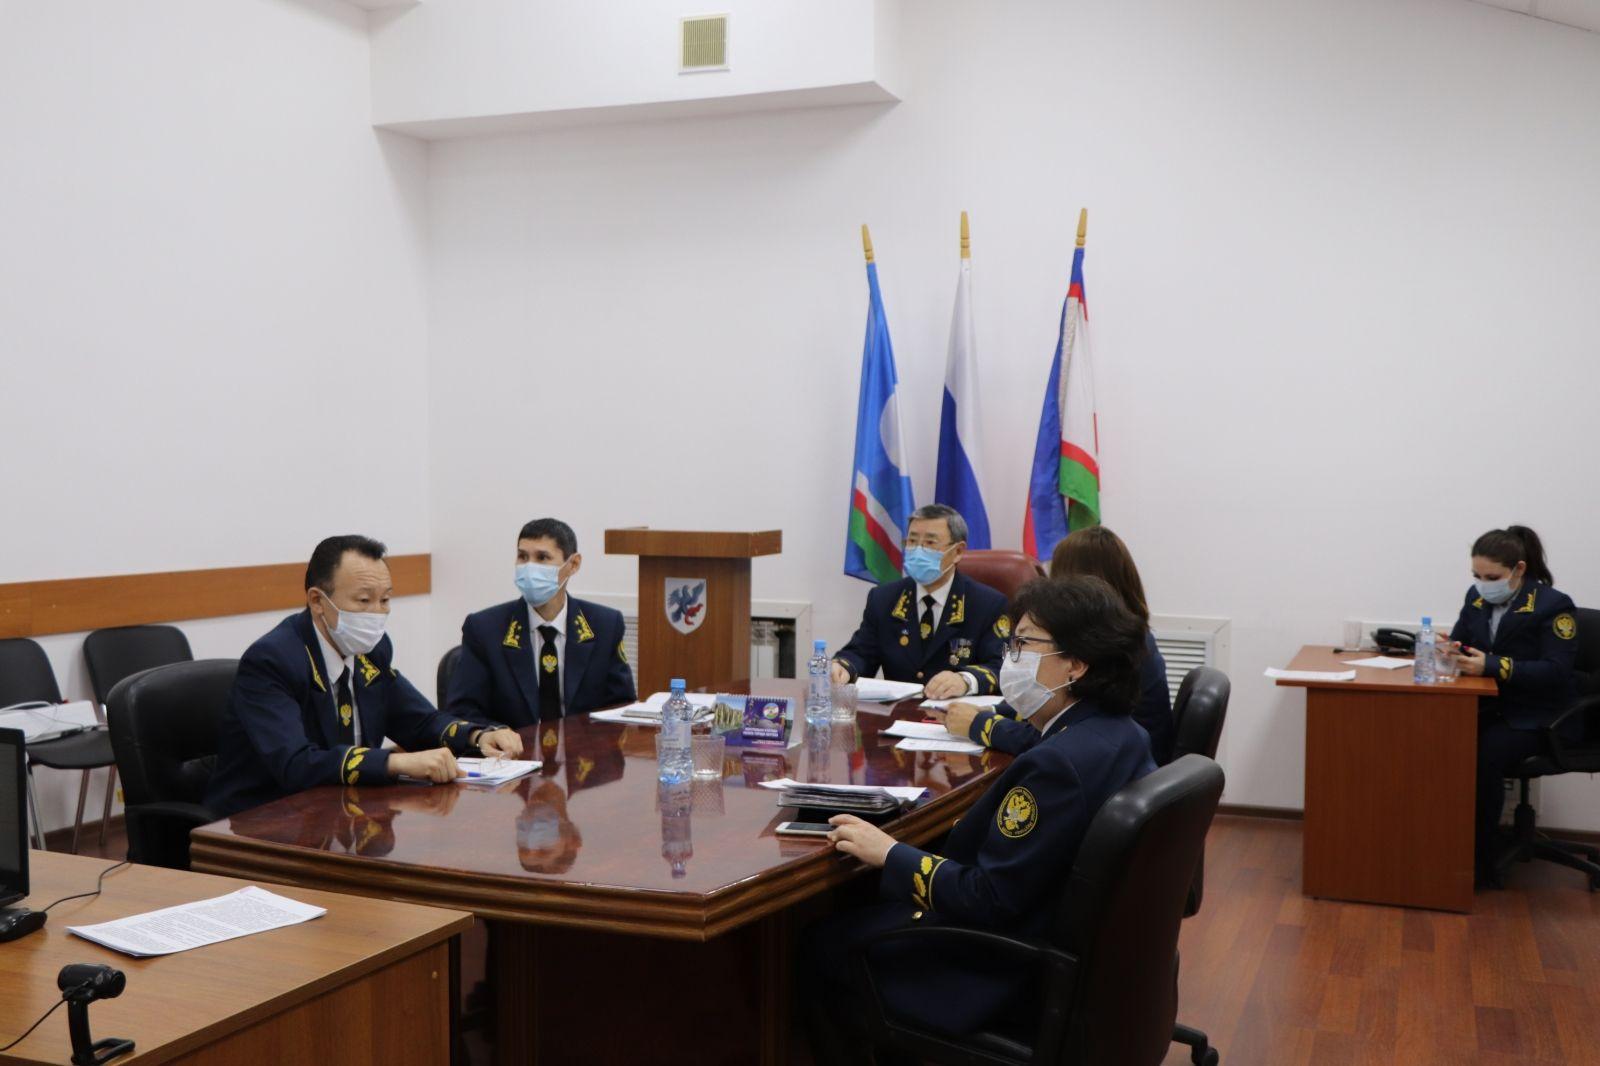 Контрольно-счетная палата Якутска: Стратегический аудит необходим для минимизации рисков